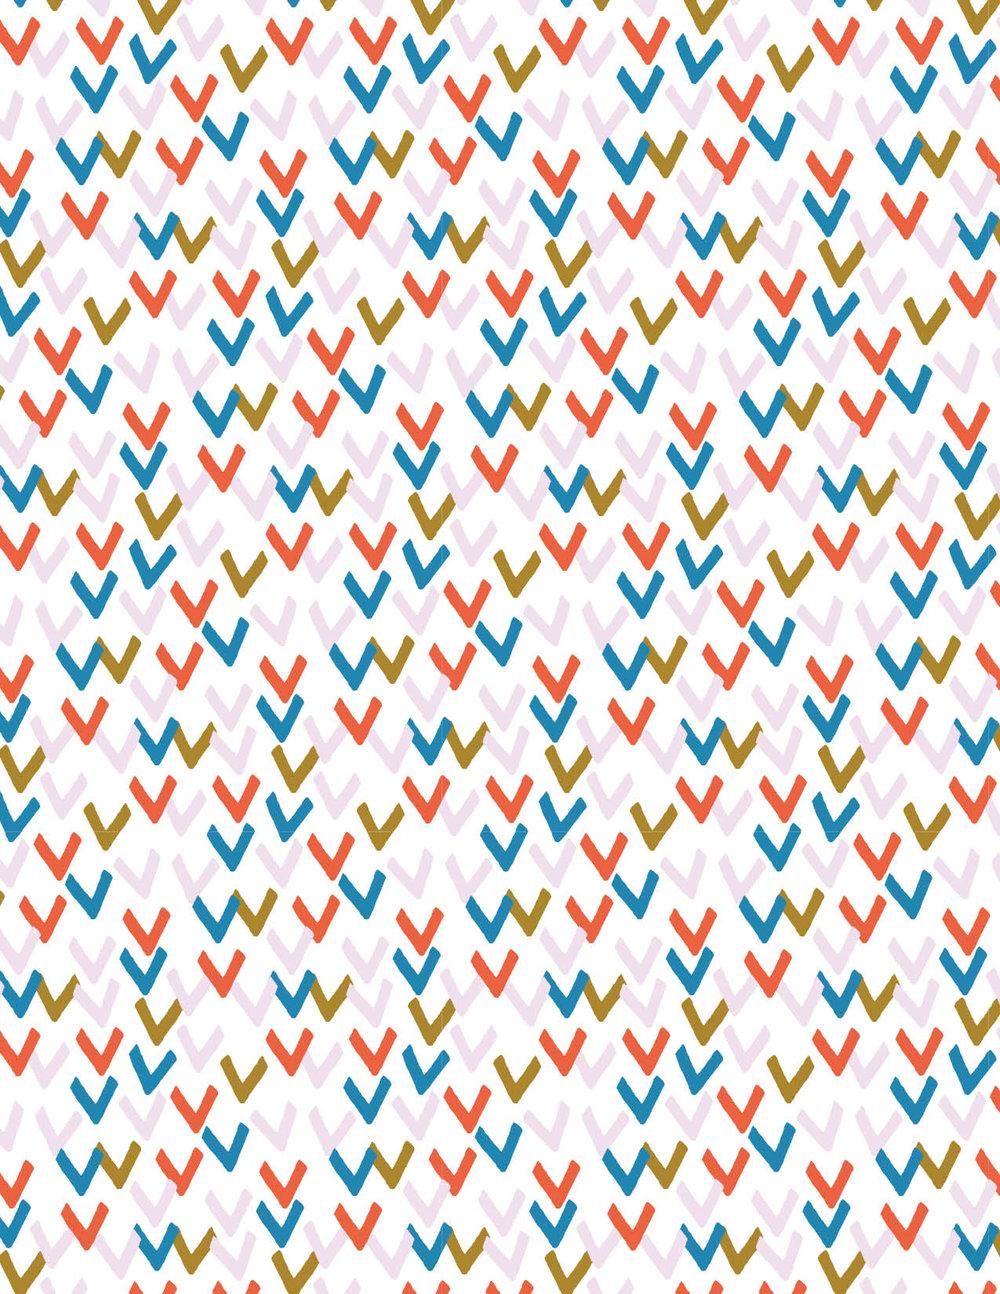 jessbruggink_pattern3.jpg